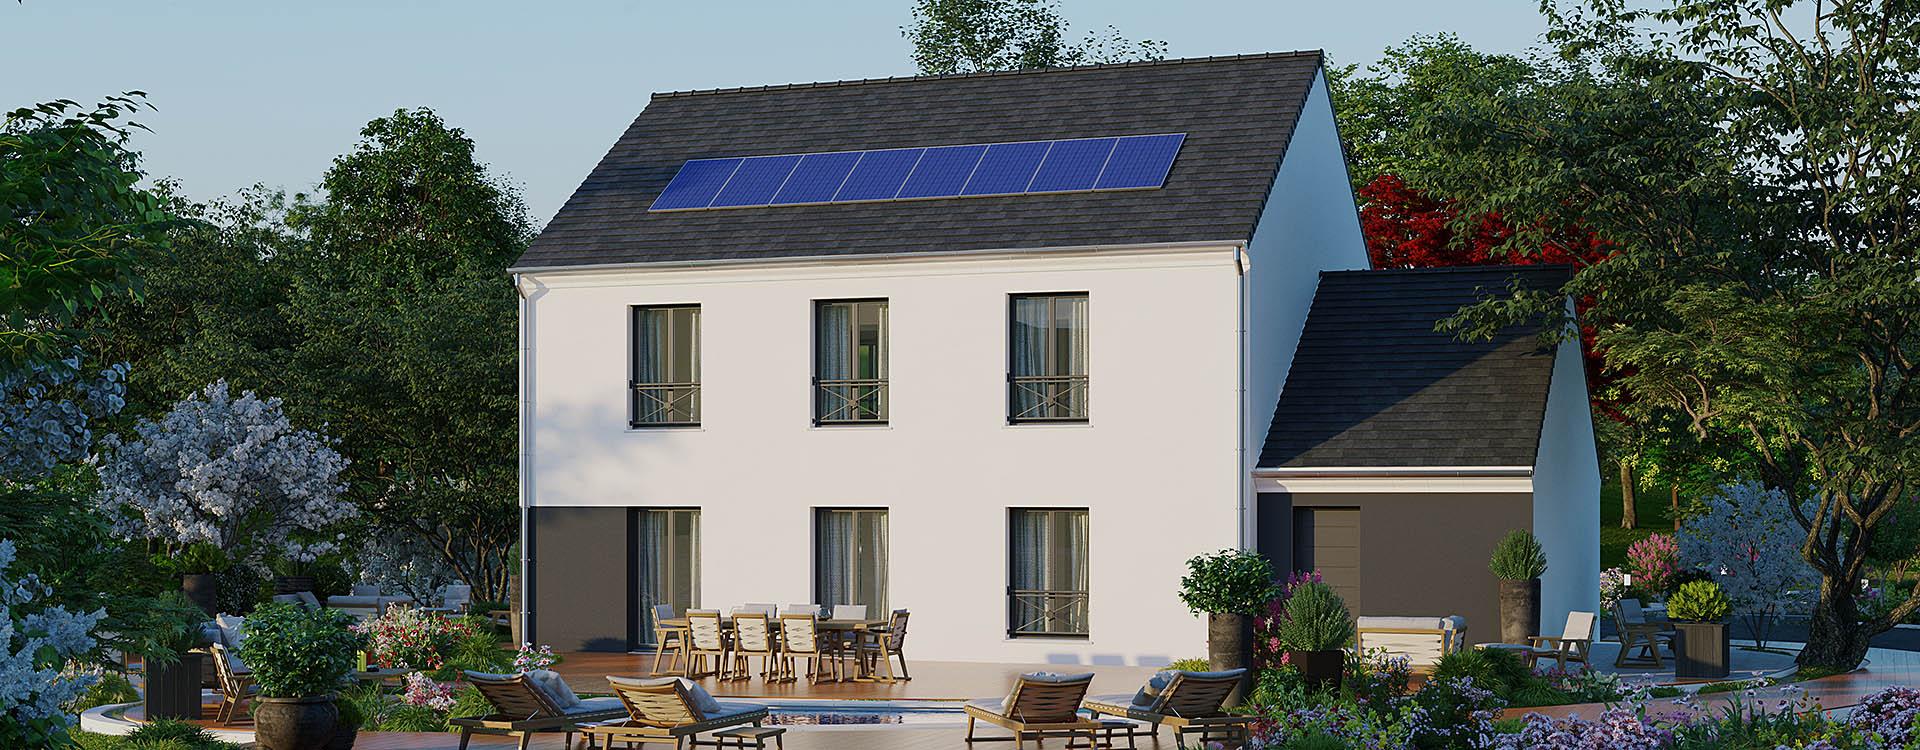 Maisons du constructeur MAISONS PIERRE • 152 m² • OLLAINVILLE